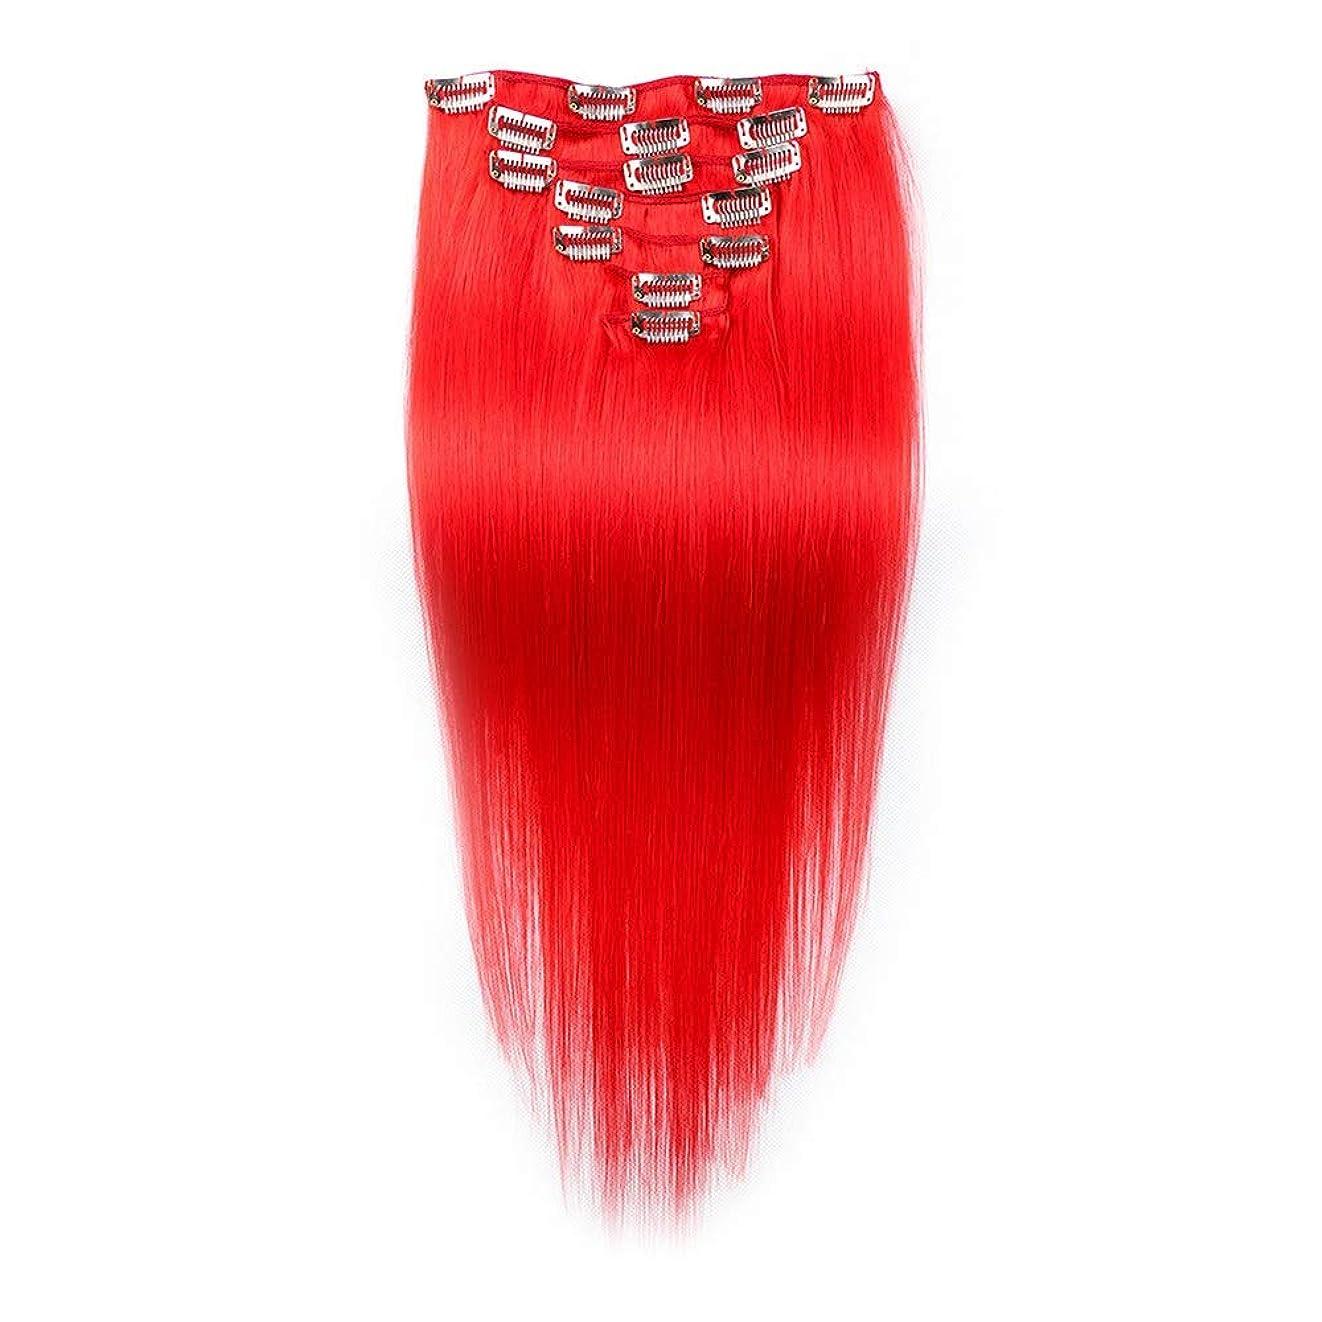 口述する見捨てられたブランド名HOHYLLYA ダブル横糸レミー人間の髪の毛のクリップ本物の髪の拡張子フルヘッド - 20インチ赤毛ロールプレイングかつら女性のかつら (色 : レッド)